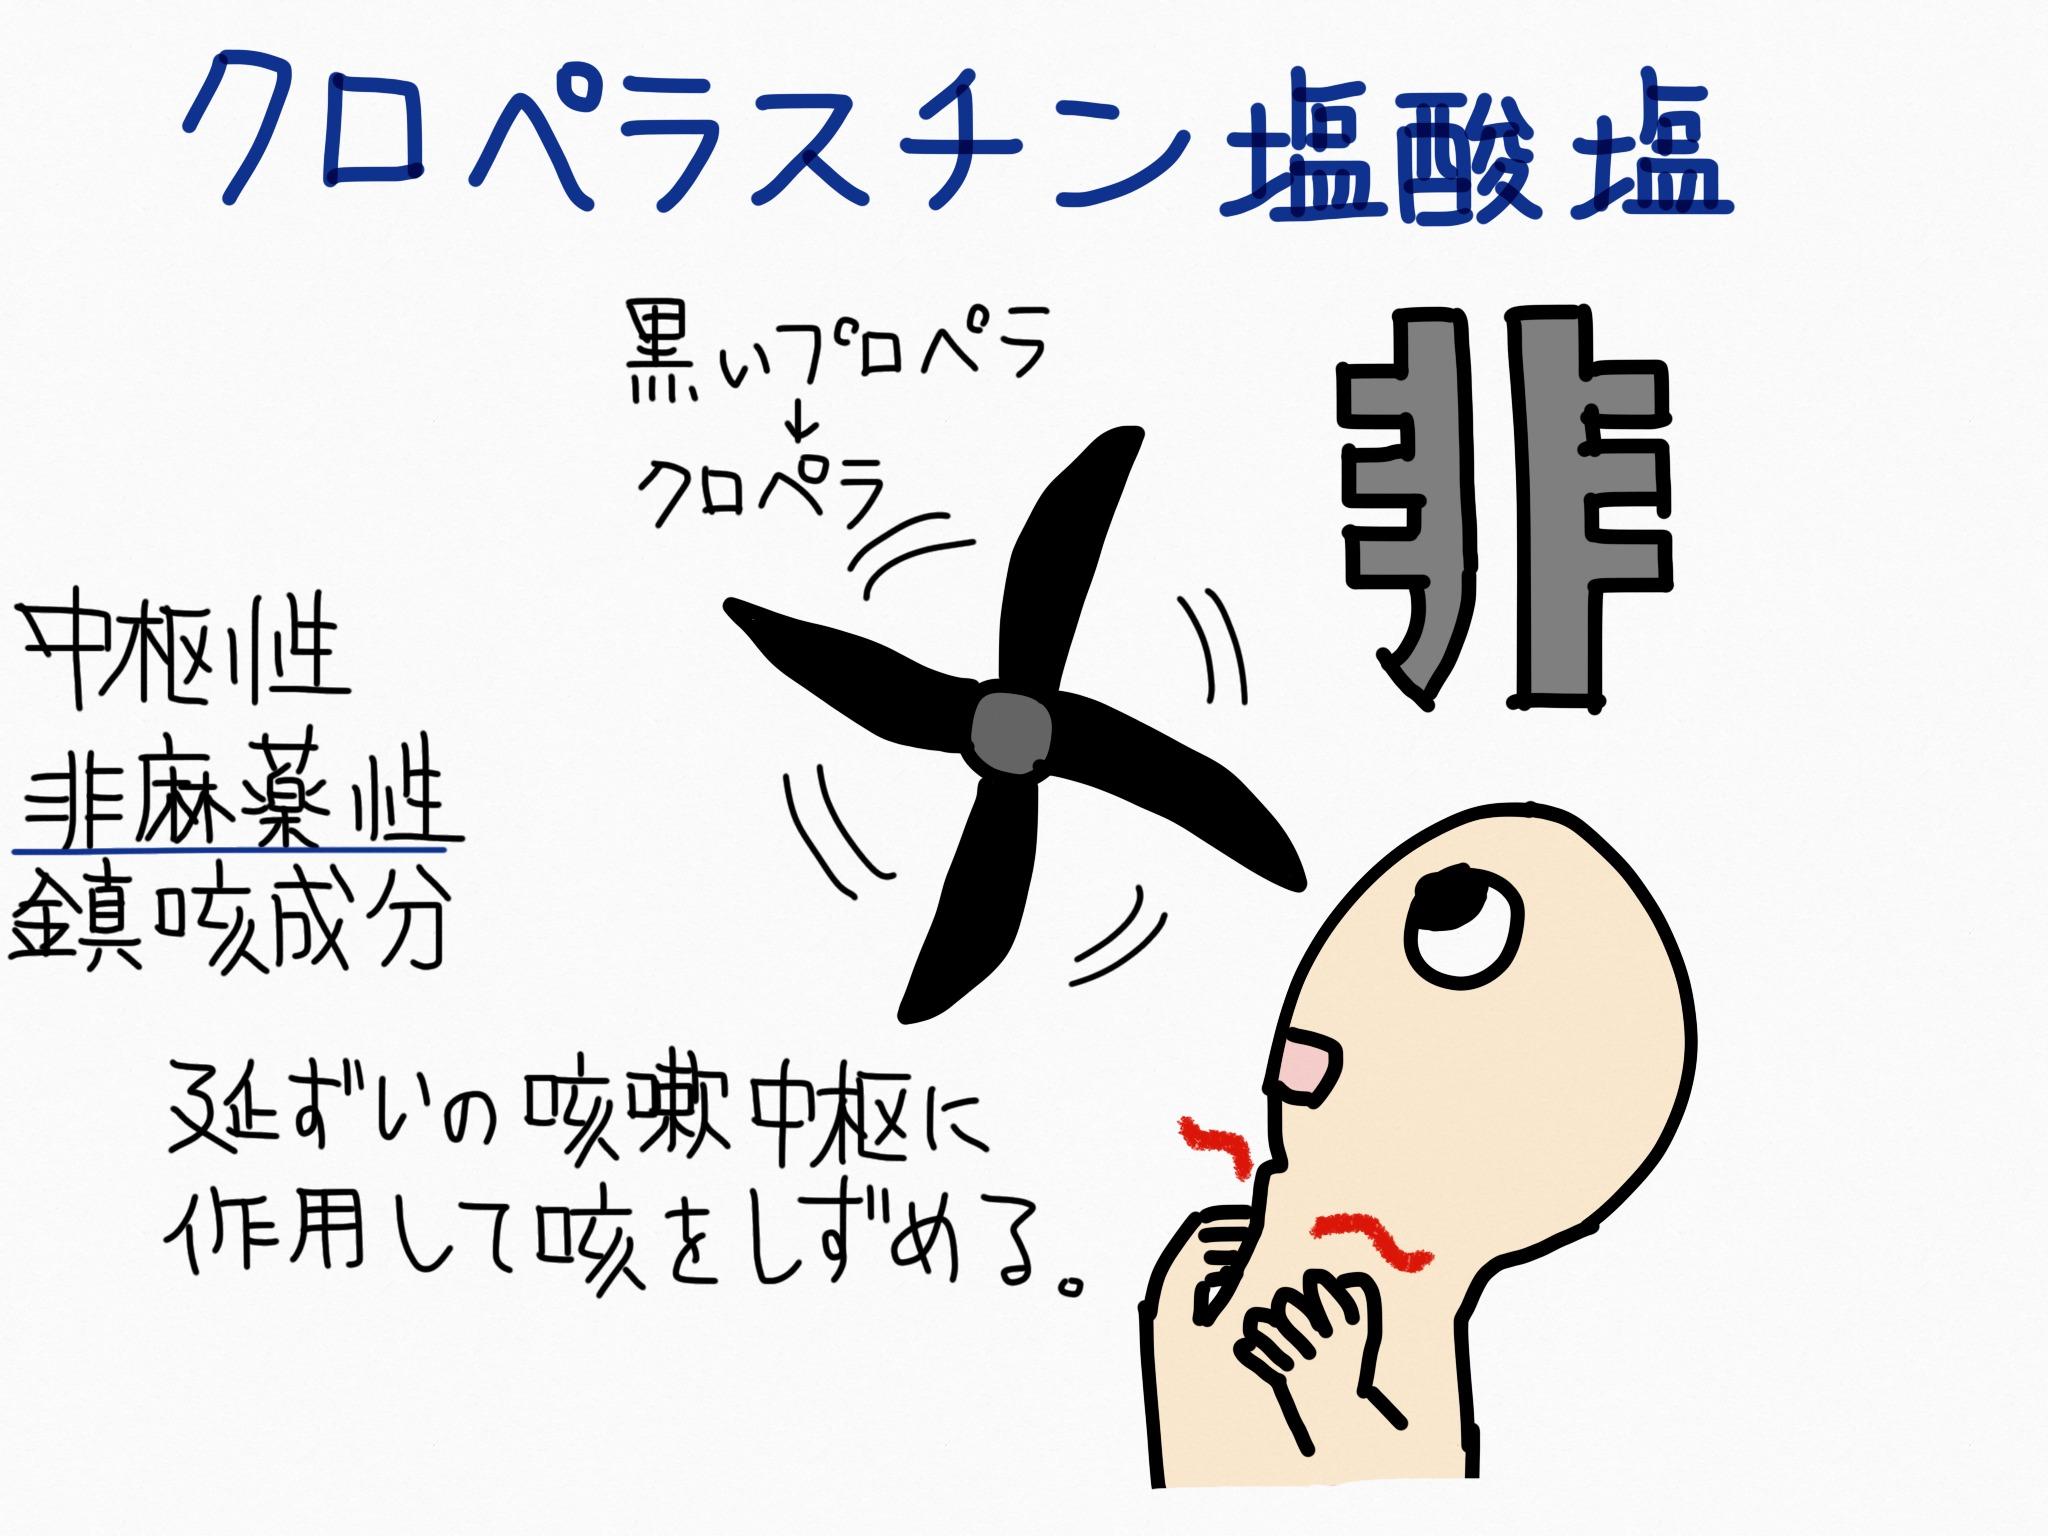 クロペラスチン塩酸塩(フェンジゾ酸塩)・鎮咳成分の覚え方